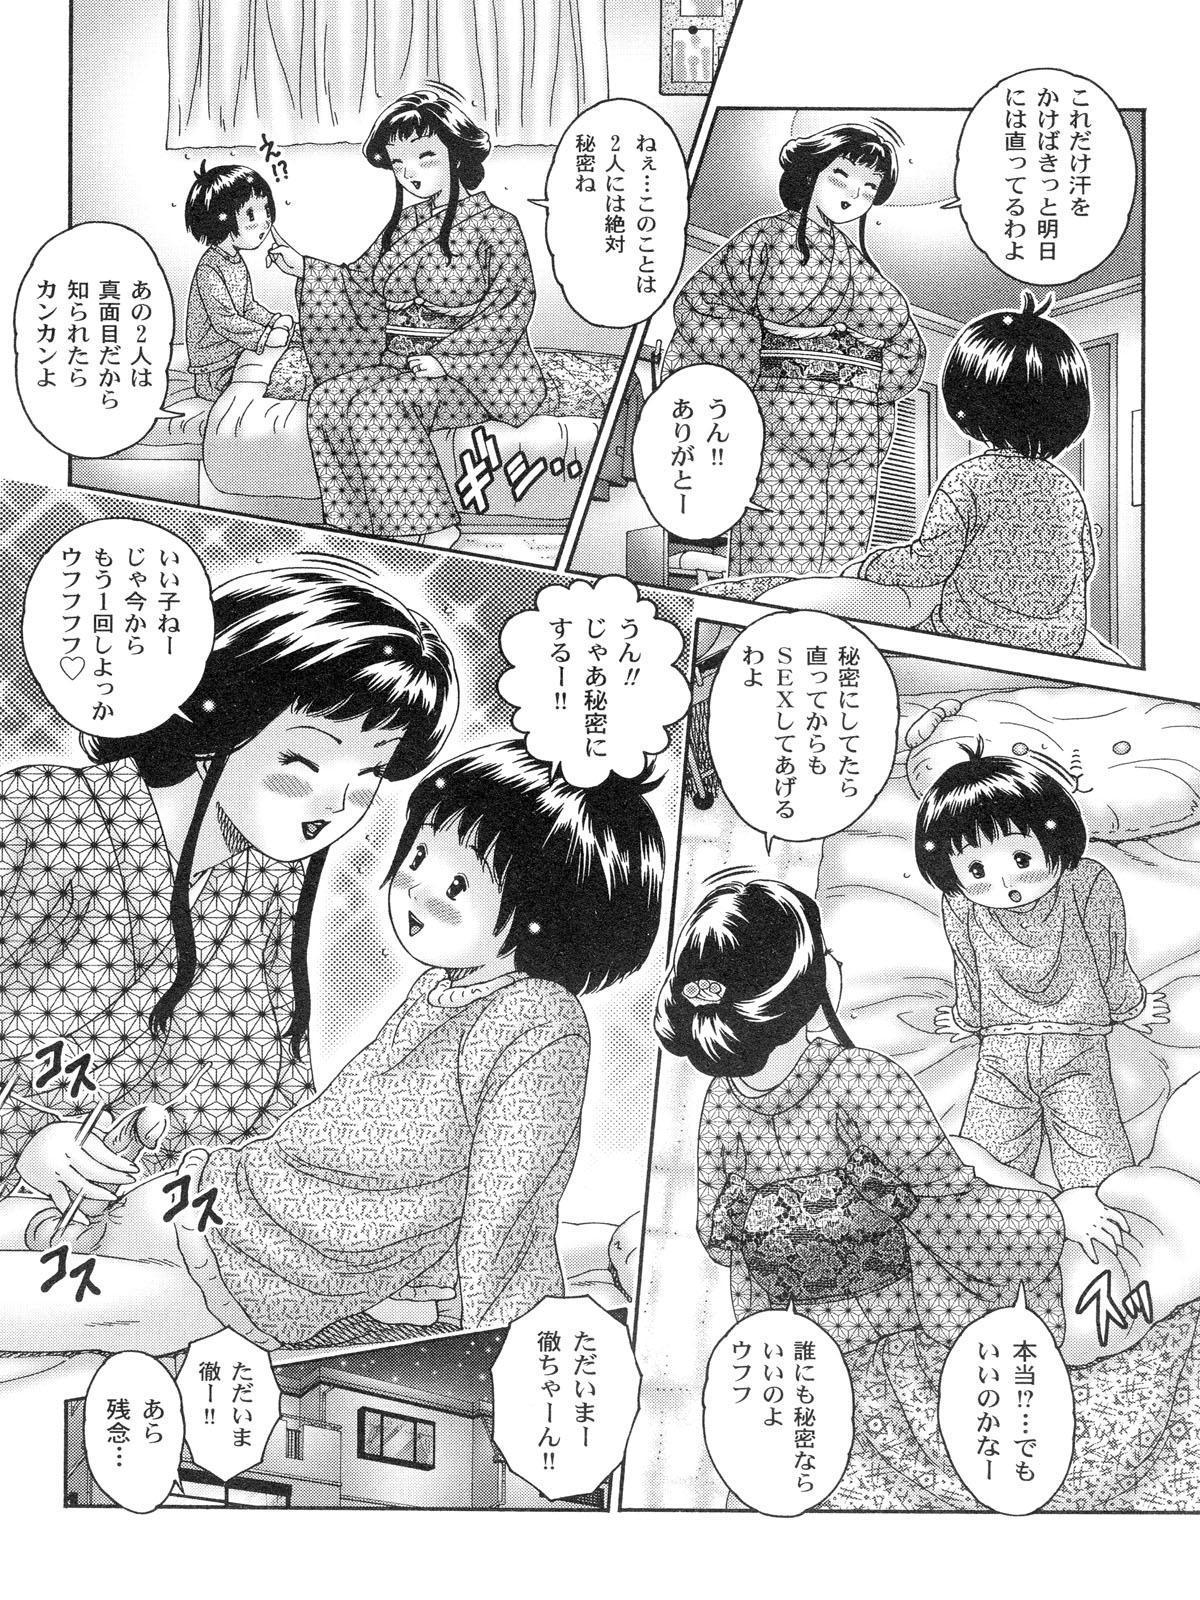 Nakadashi De Iinoyo 25